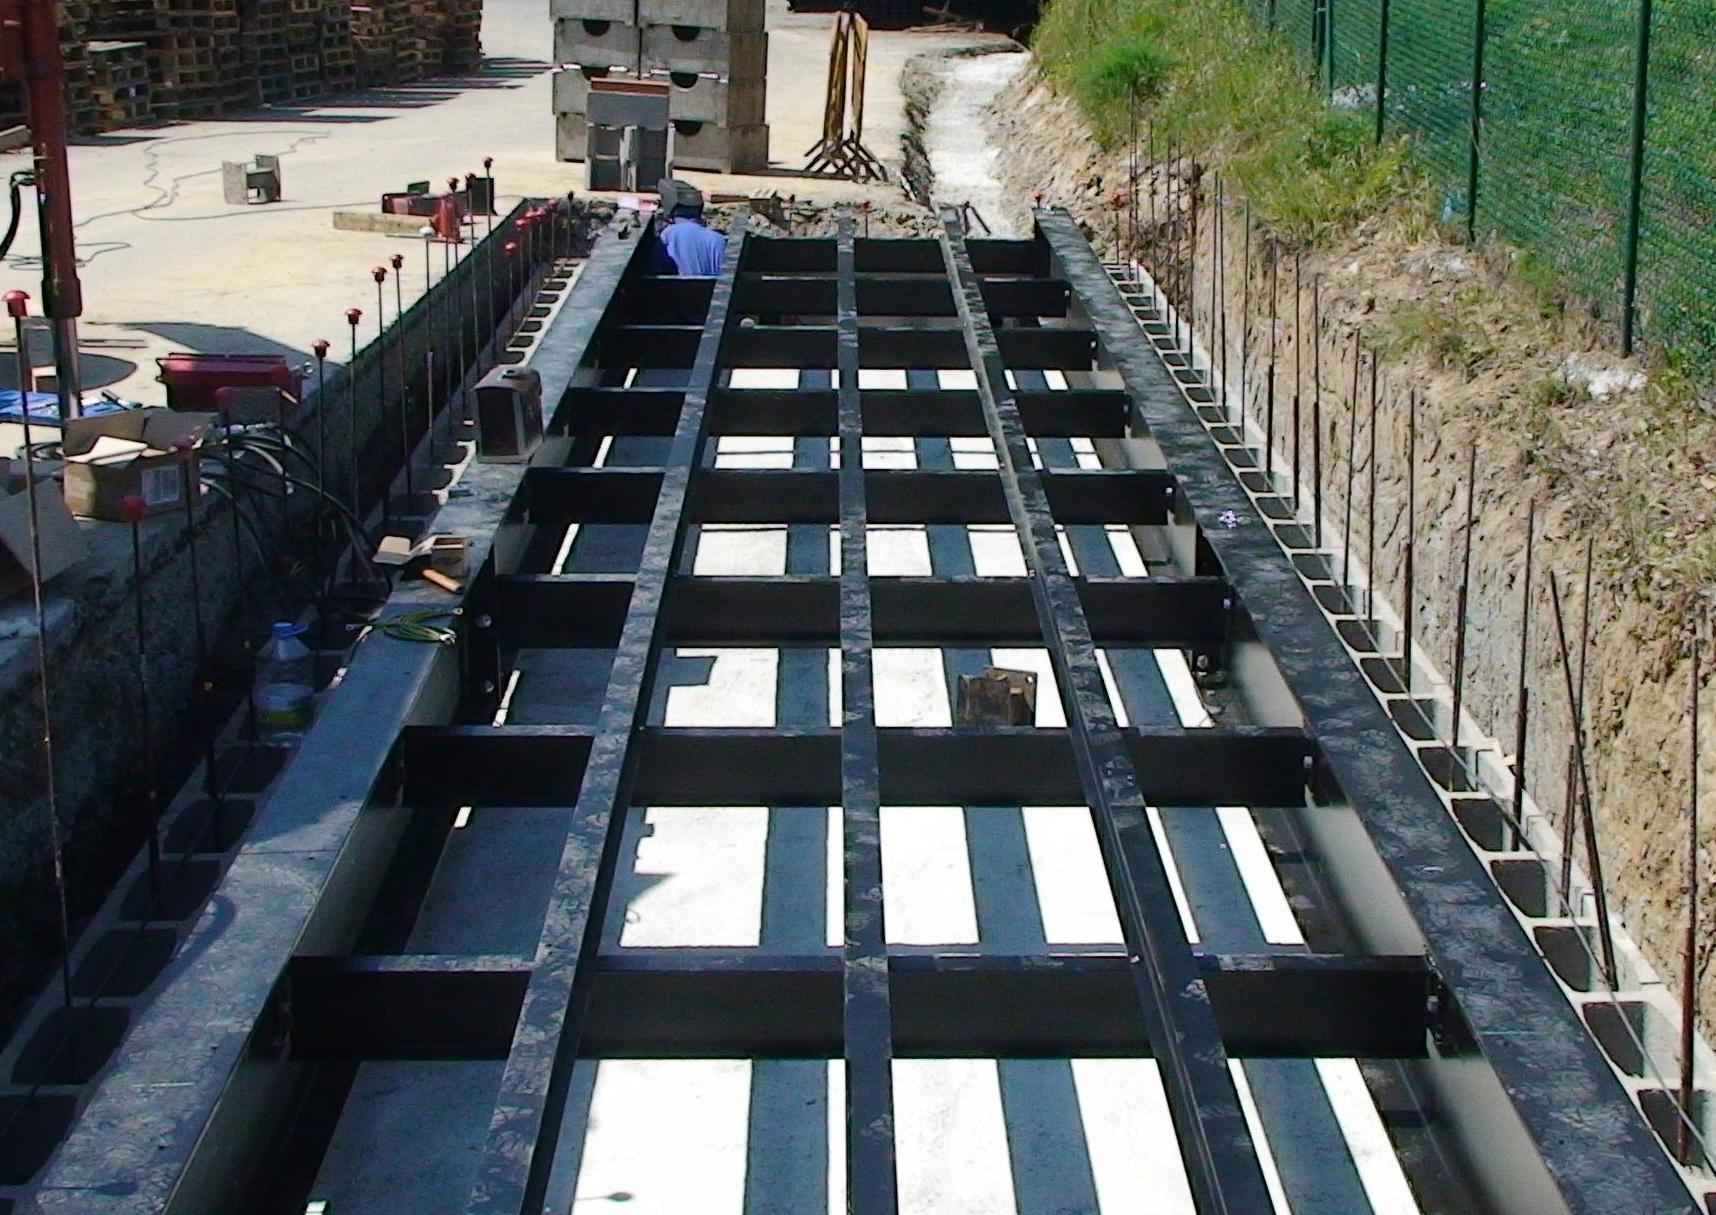 Estructura bascula de camiones